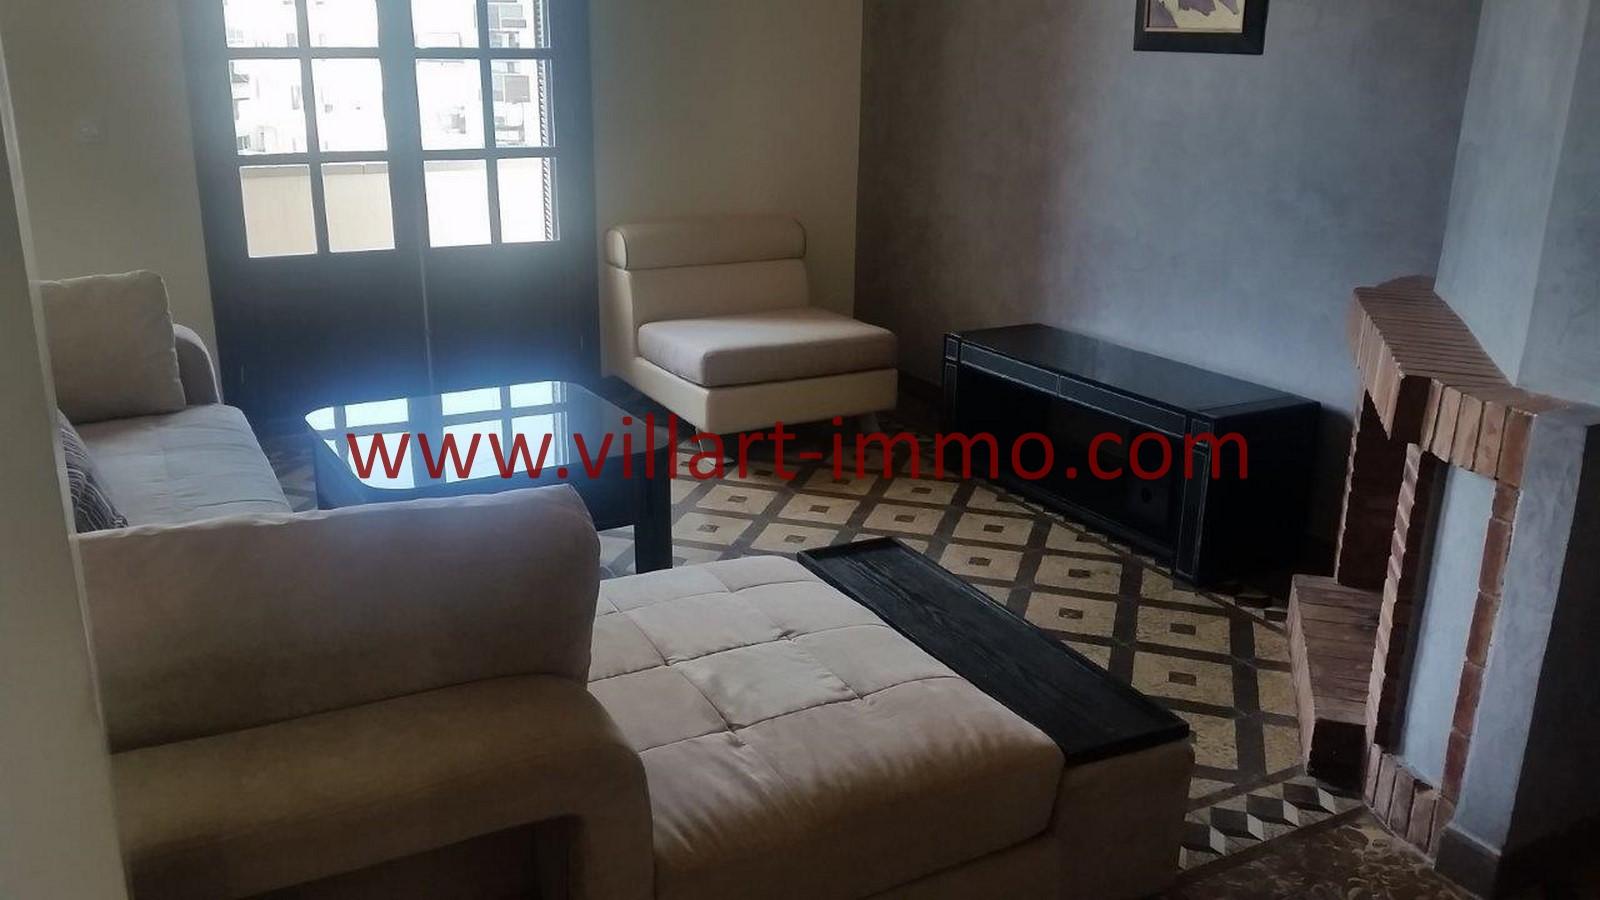 2-location-appartement-meuble-centre-ville-tanger-salon-l966-villart-immo